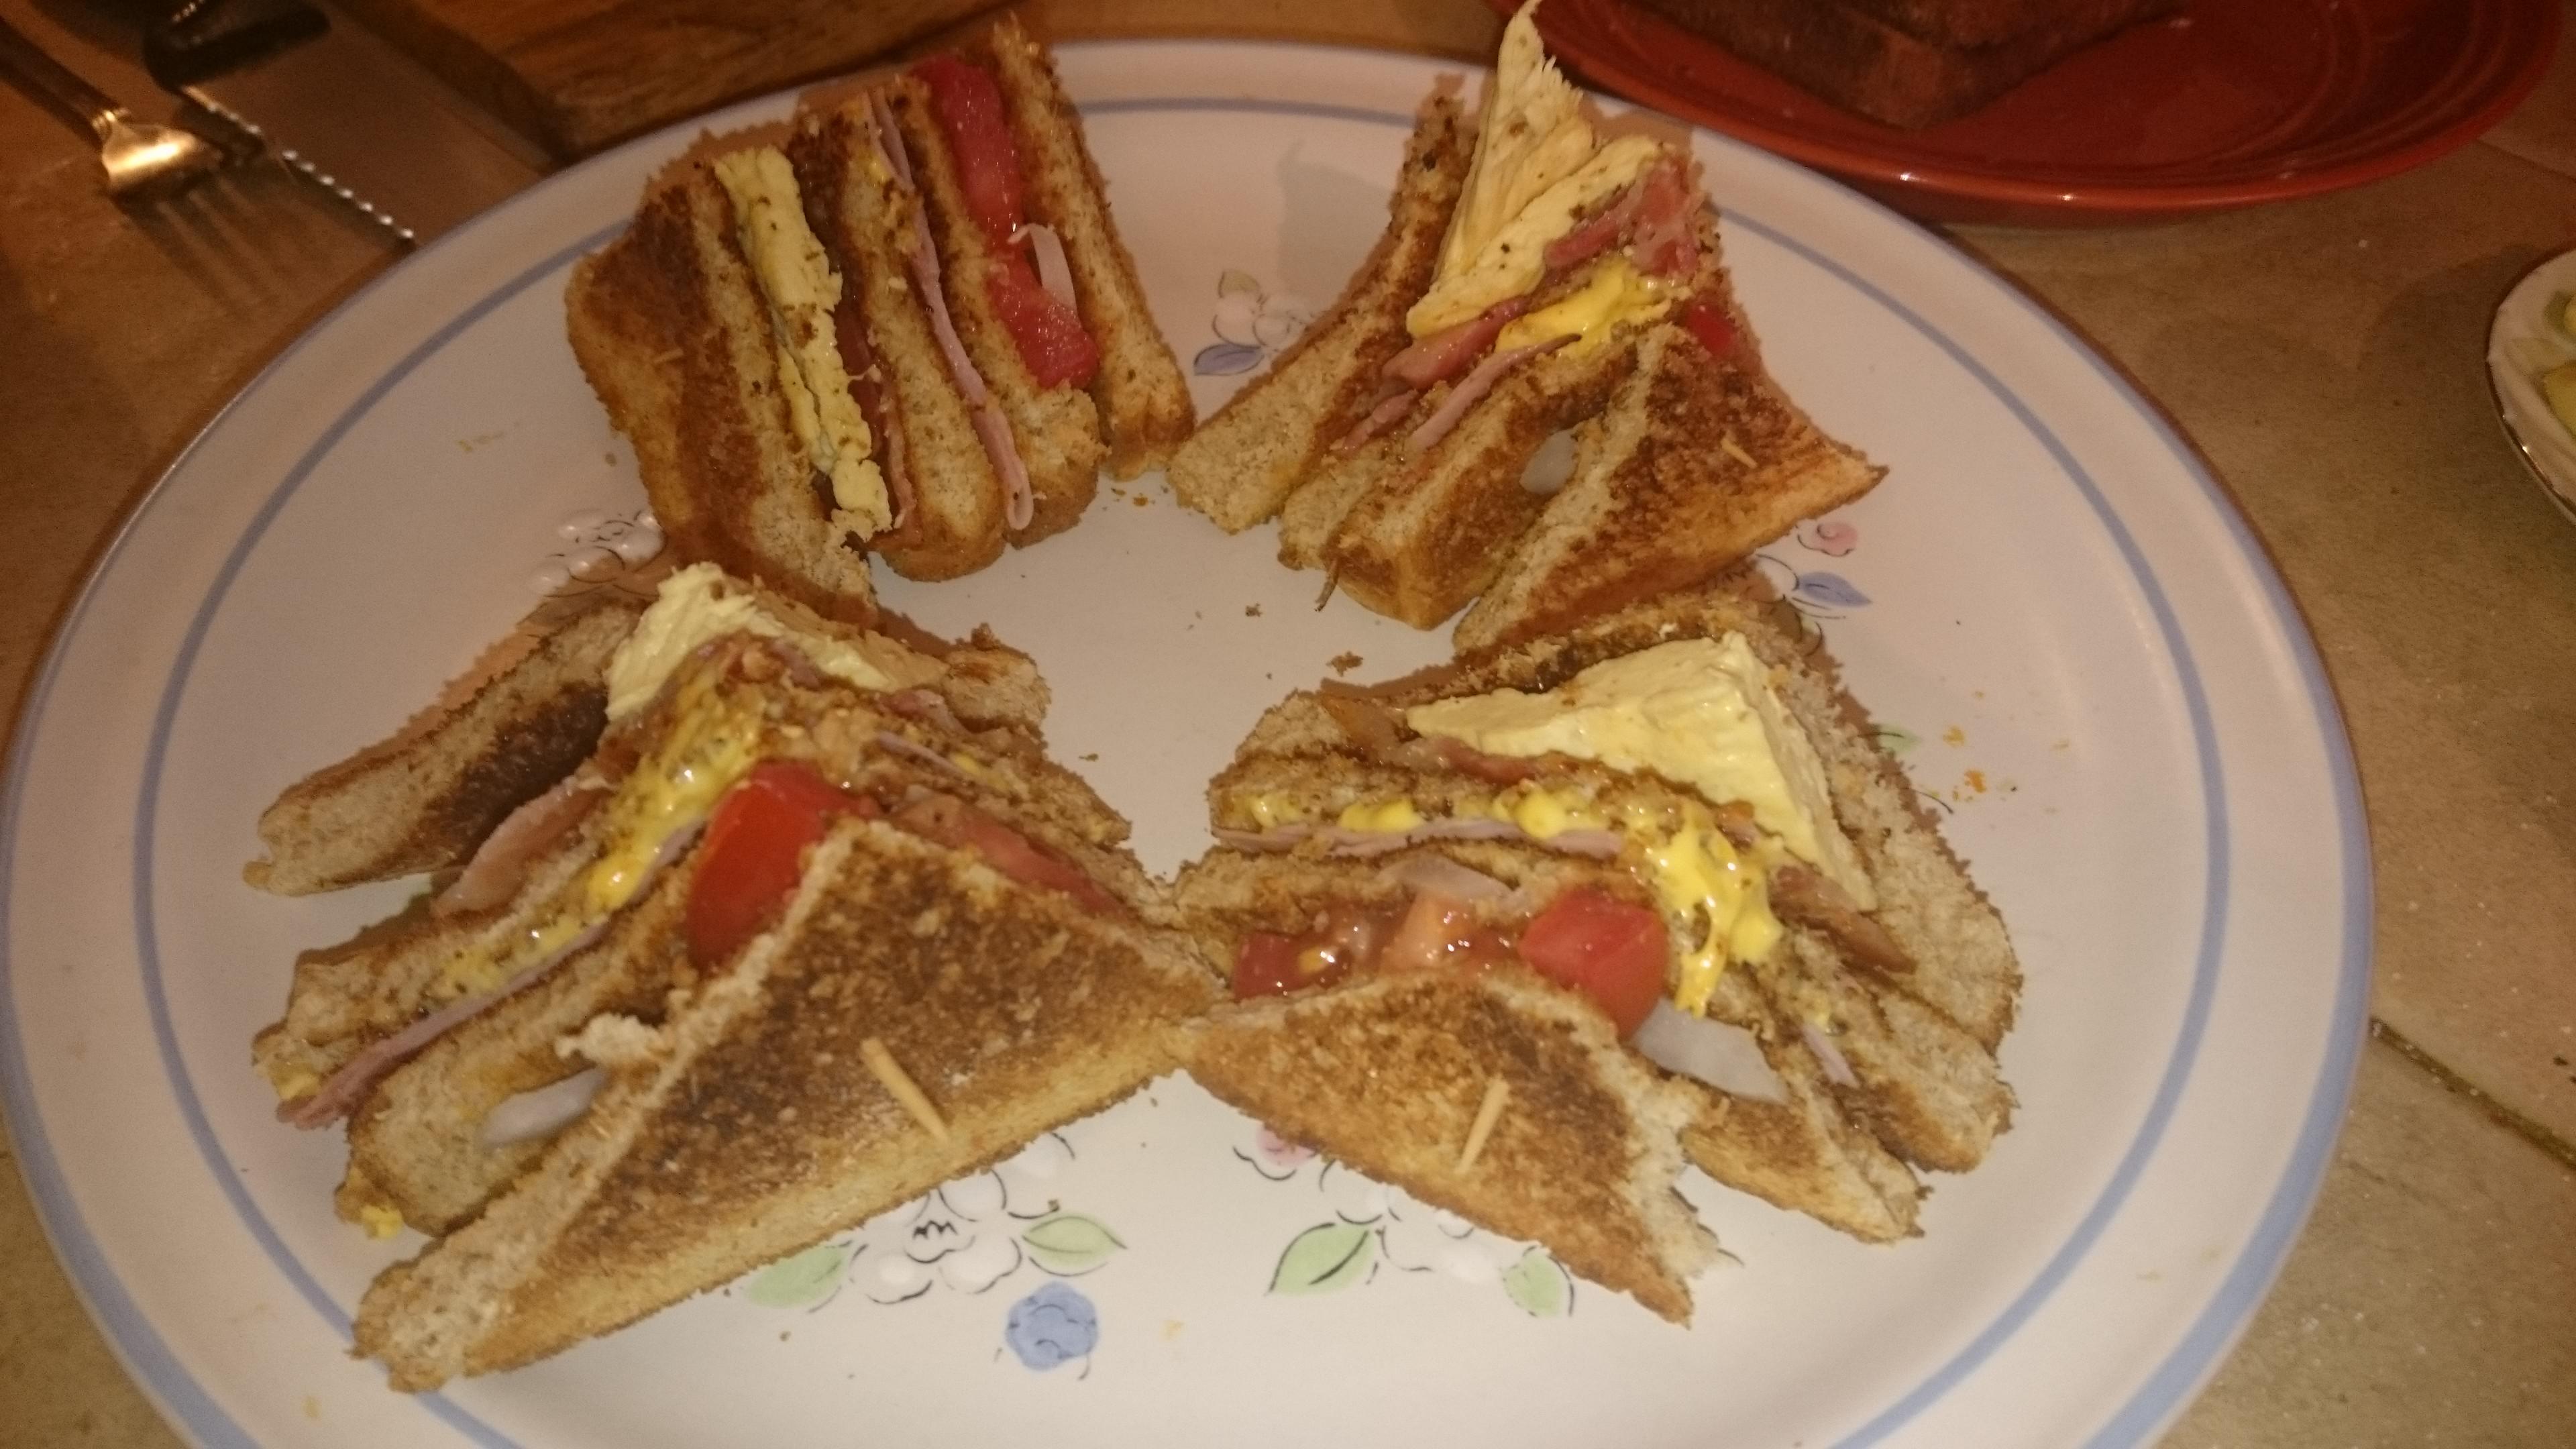 ¿Qué sandwiches les gusta más? 27147916183_bc29363d71_4k